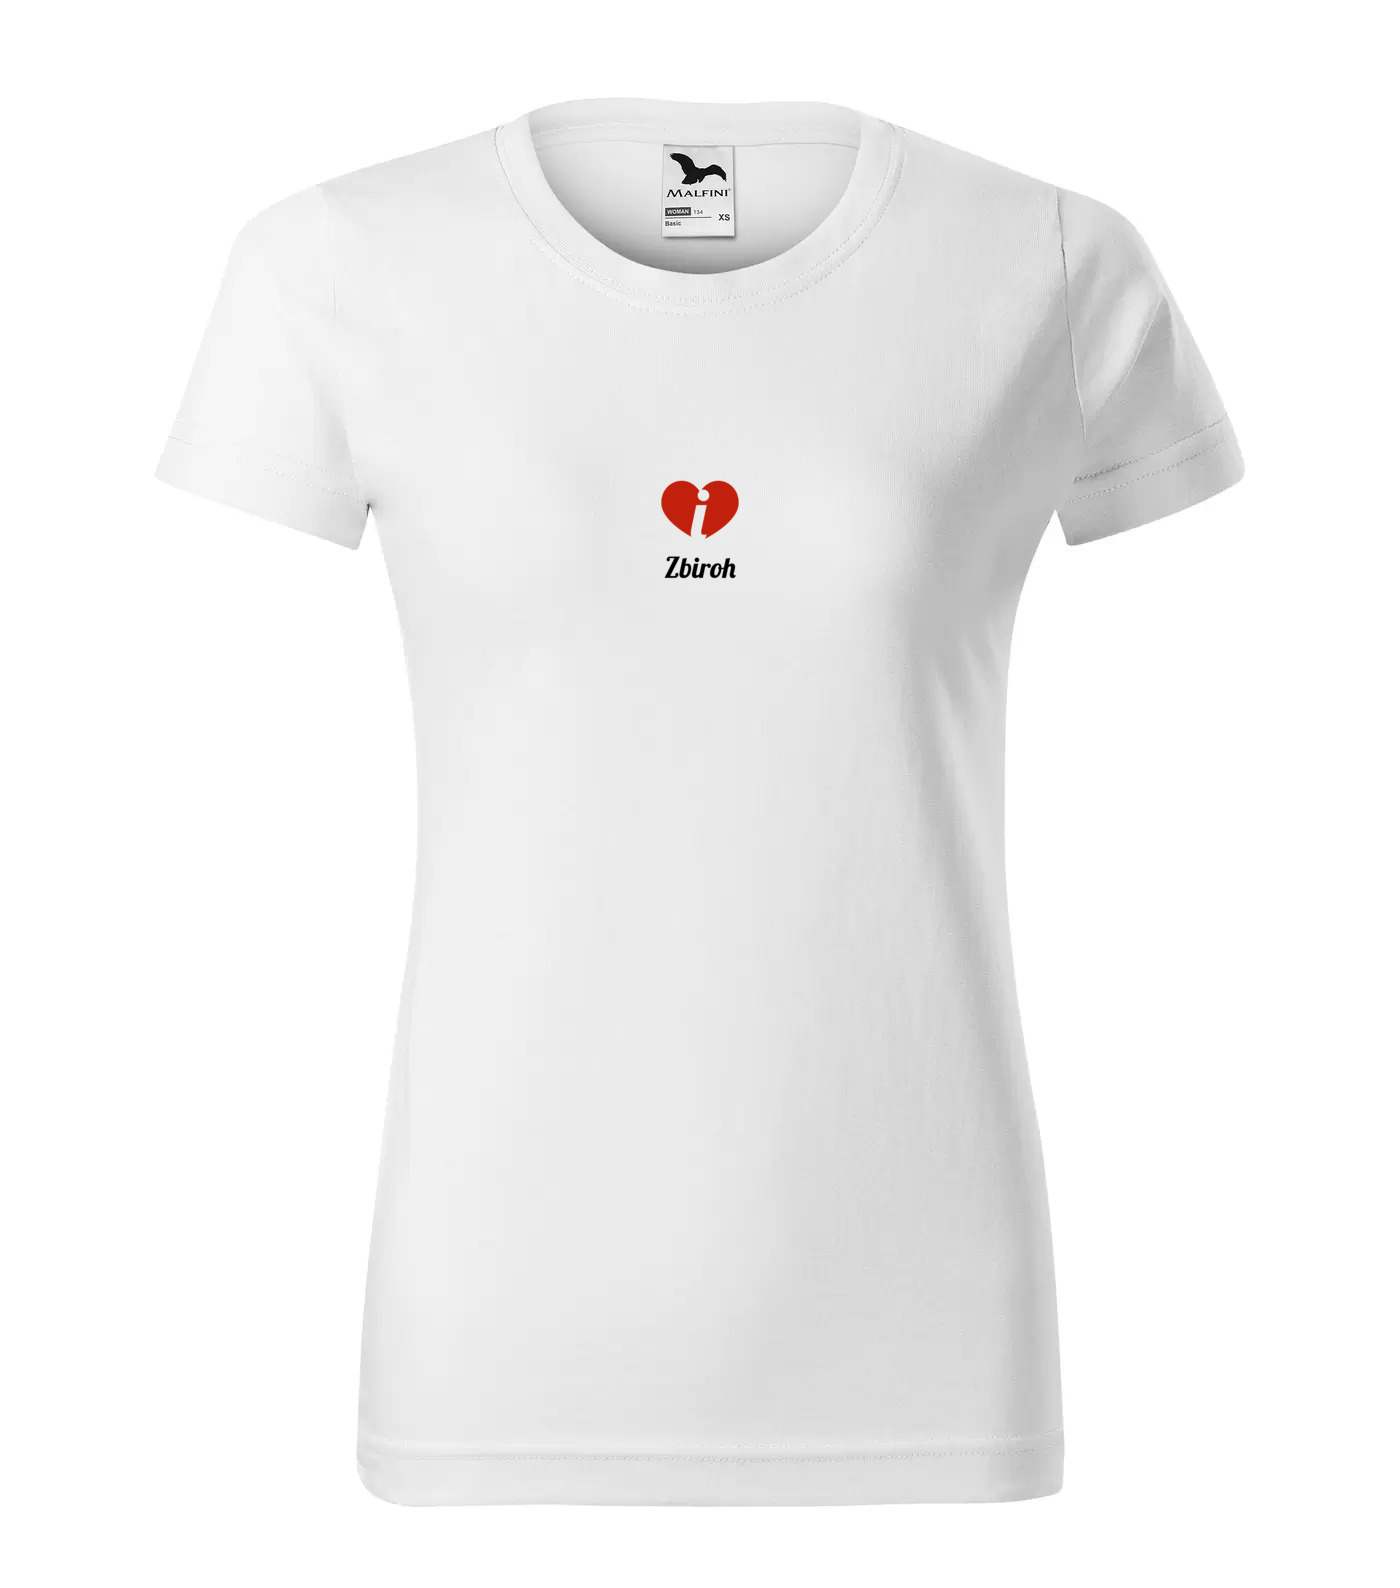 Tričko Zbiroh